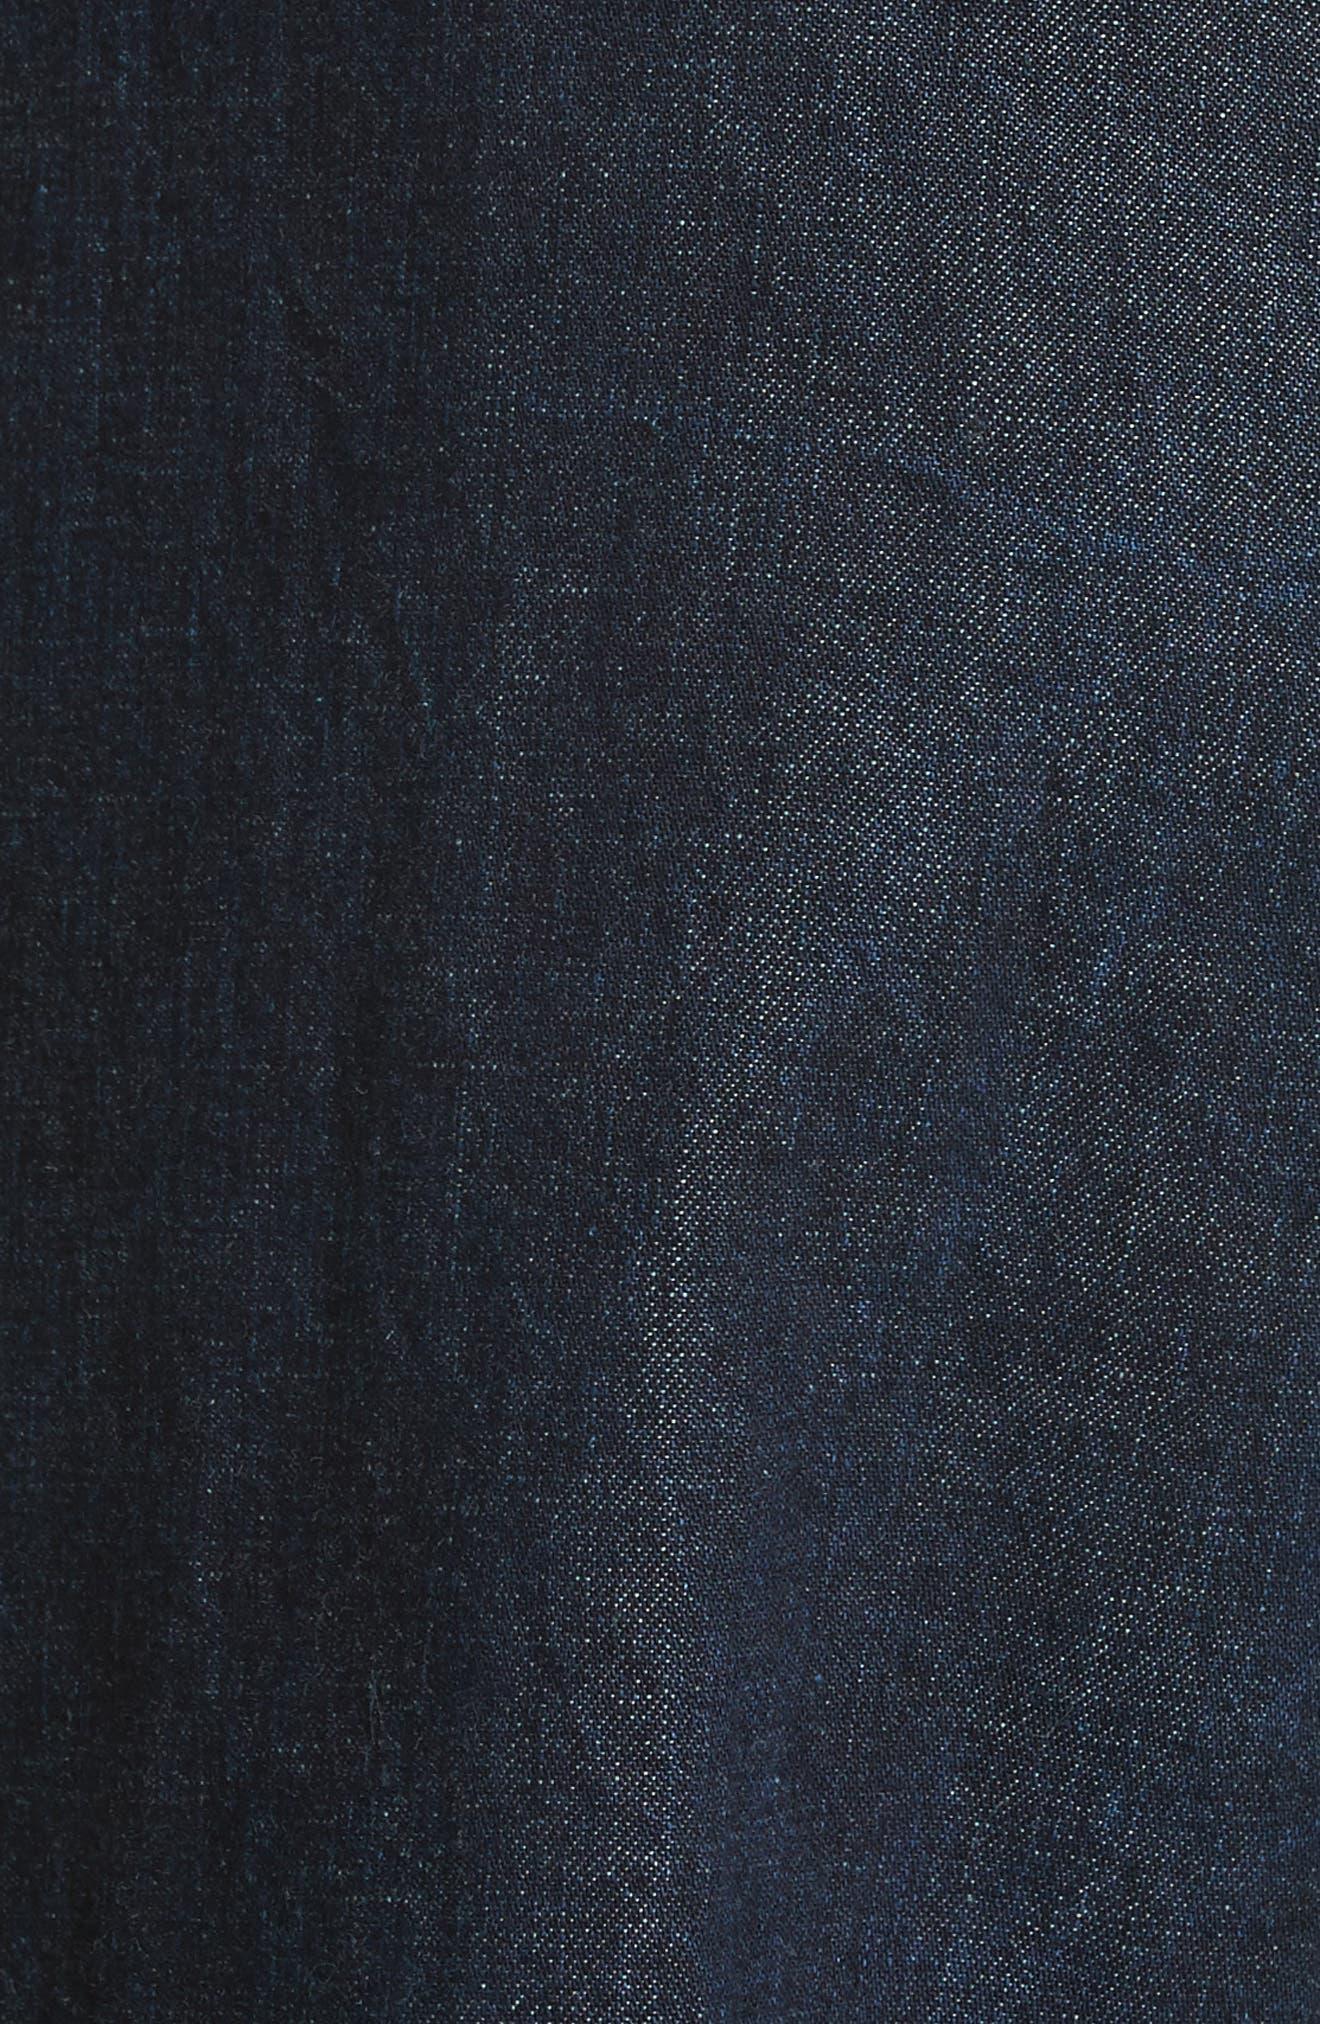 Revel Ruffle Pants,                             Alternate thumbnail 5, color,                             402